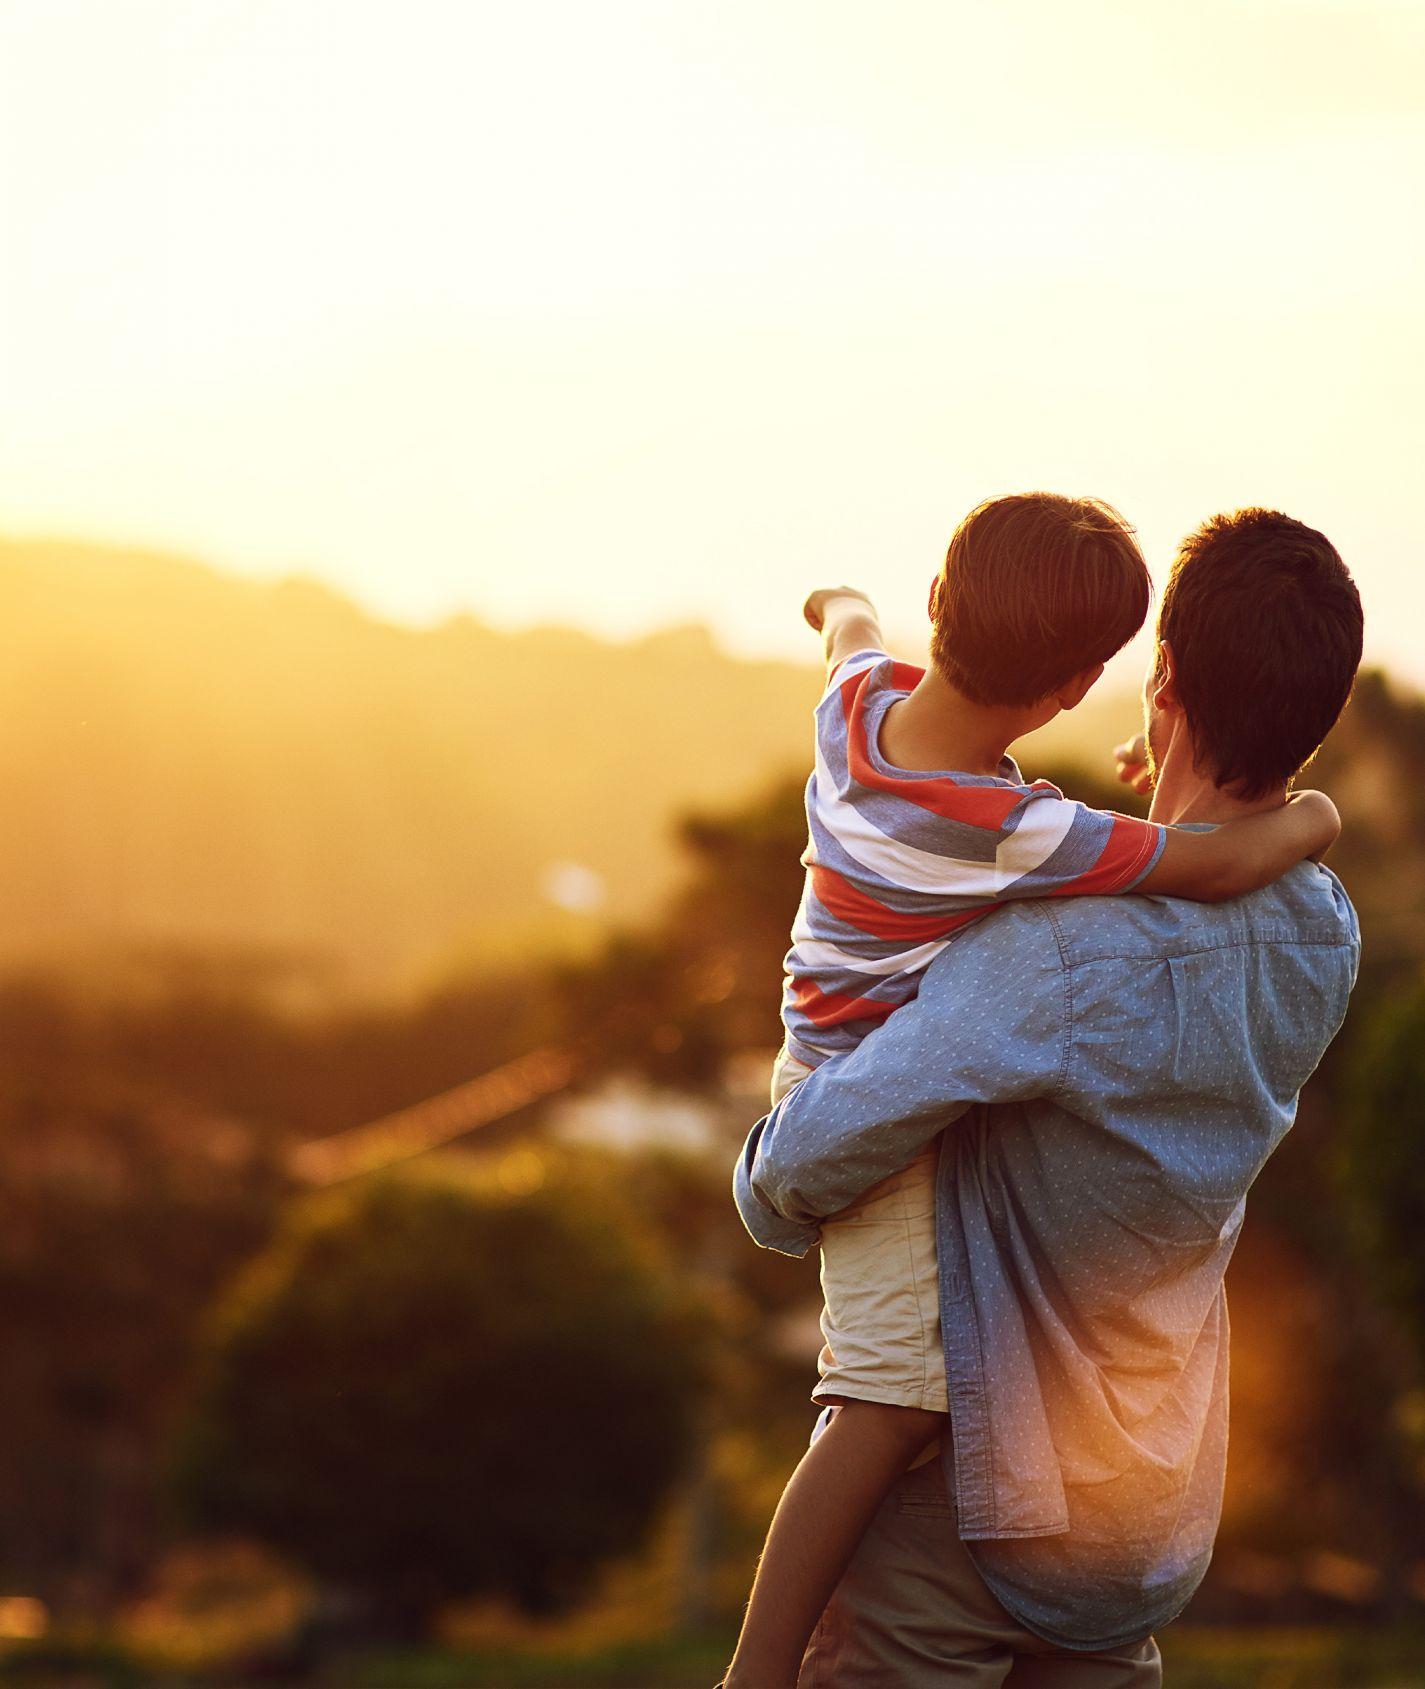 Vater hält Kind auf dem Arm und schaut in die Ferne